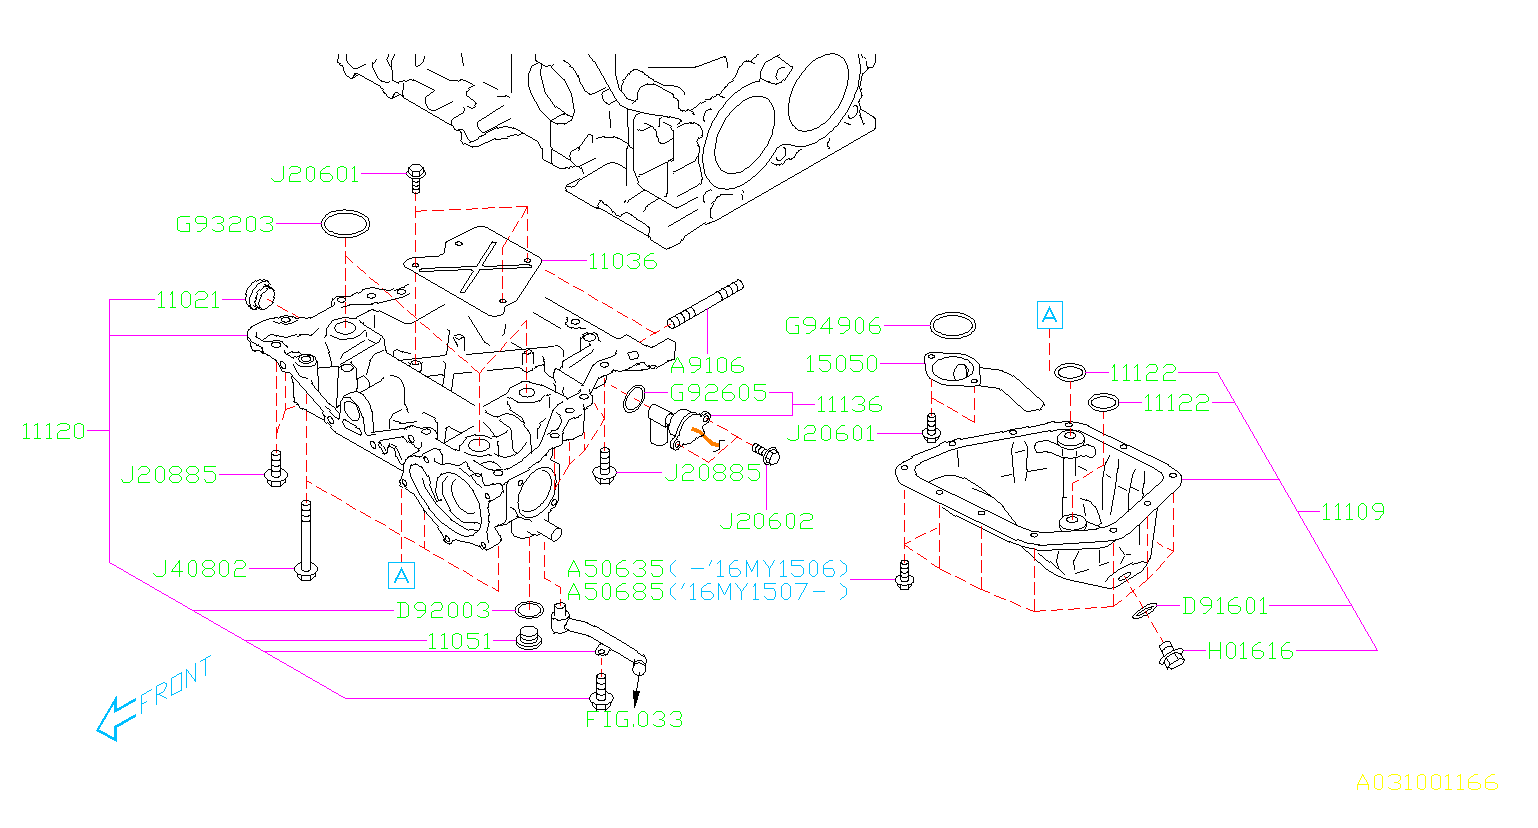 subaru forester gasket 803920030 subaru parts subaru forester engine diagram subaru forester engine diagram subaru forester engine diagram subaru forester engine diagram